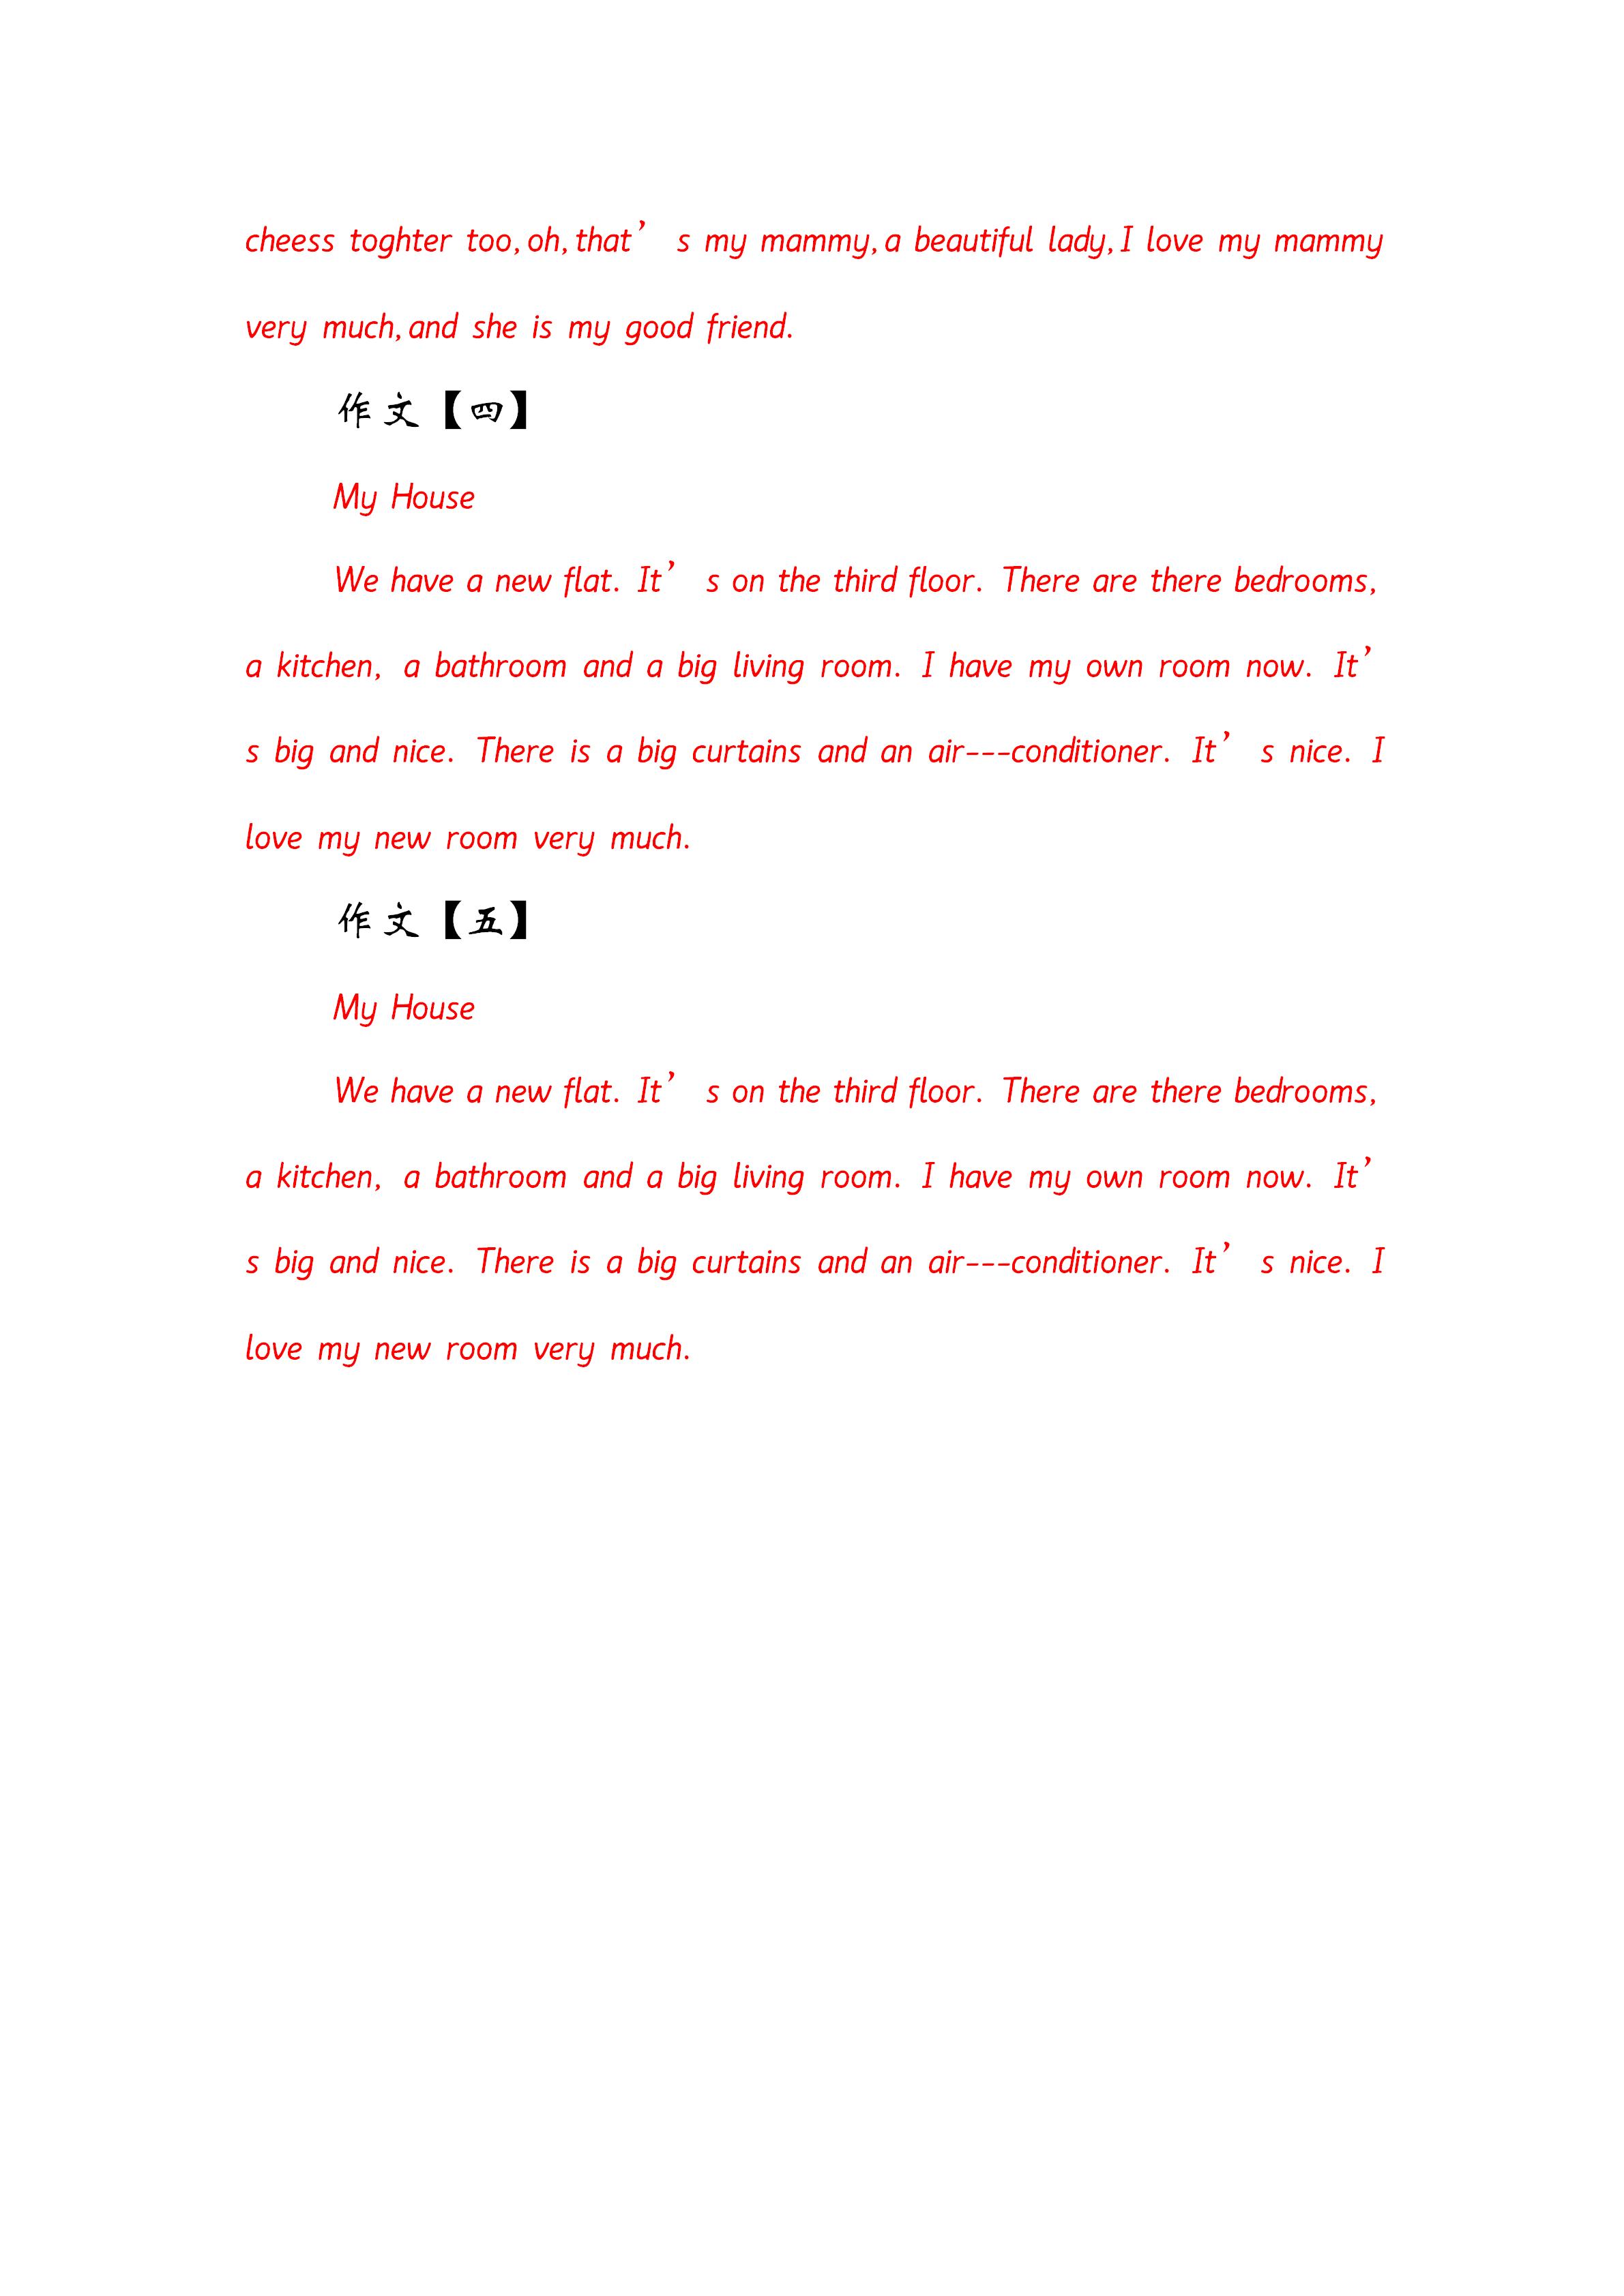 衡水体_衡水小学三年级衡中体作文模板-五篇6147 作者: 来源: 发布时间:2020-4-27 08:46